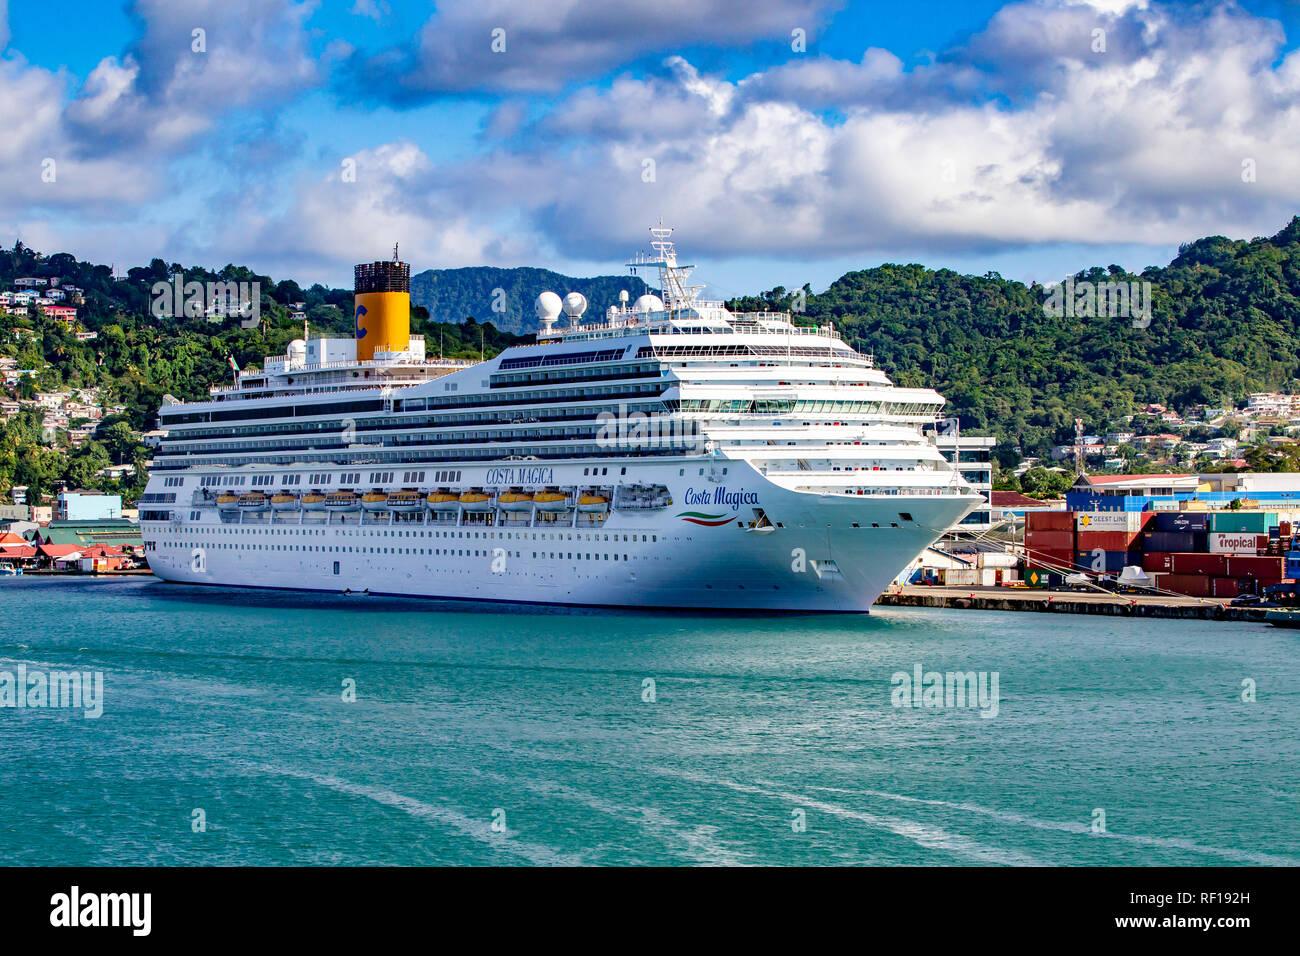 Costa mágica en puerto en Castries Santa lucía una de las Islas de Barlovento en el Caribe. Foto de stock